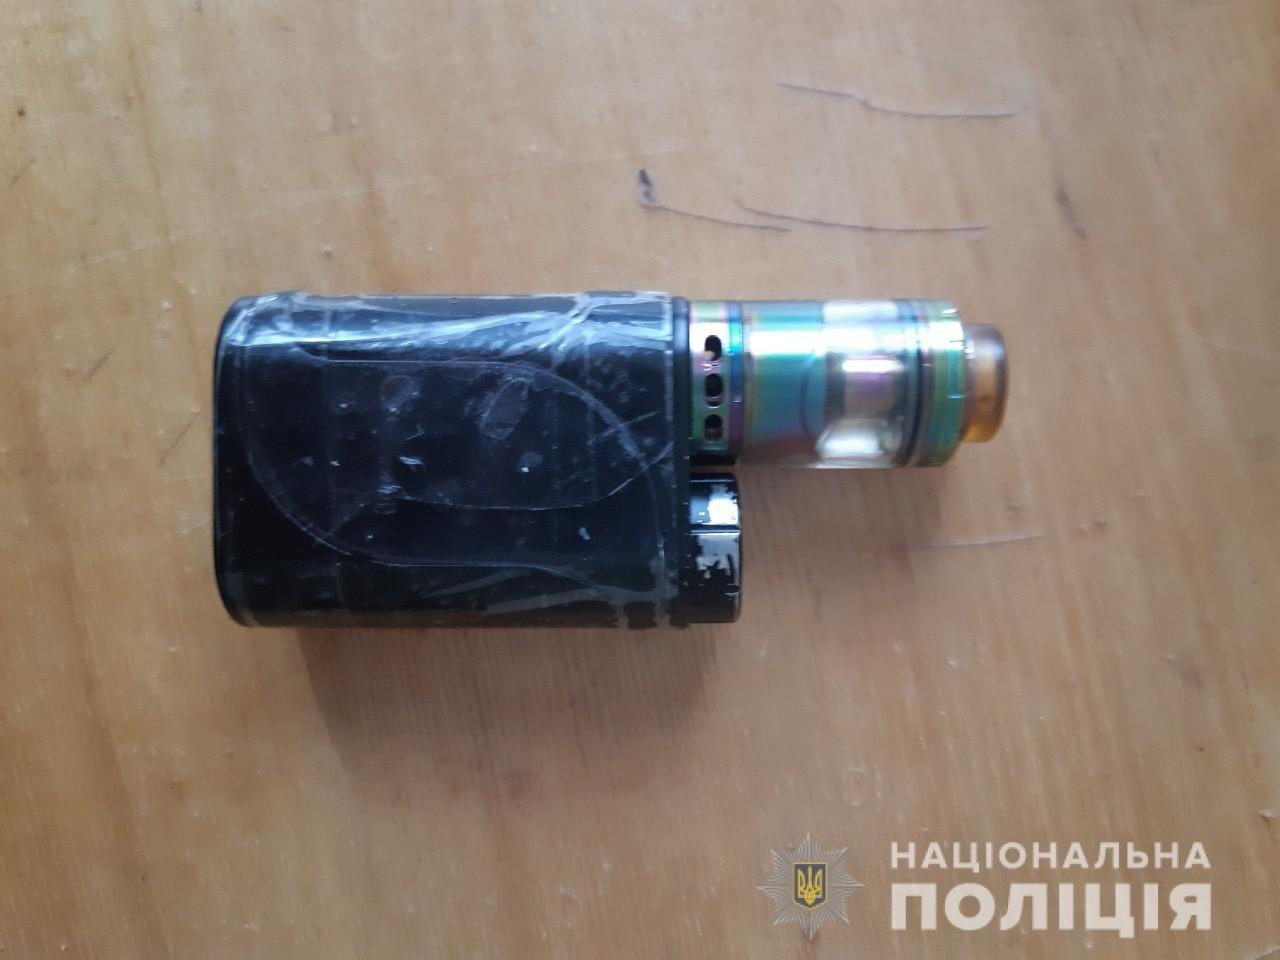 На Білоцерківщині затримали 18-річного хлопця, який побив та пограбував підлітка, фото-2